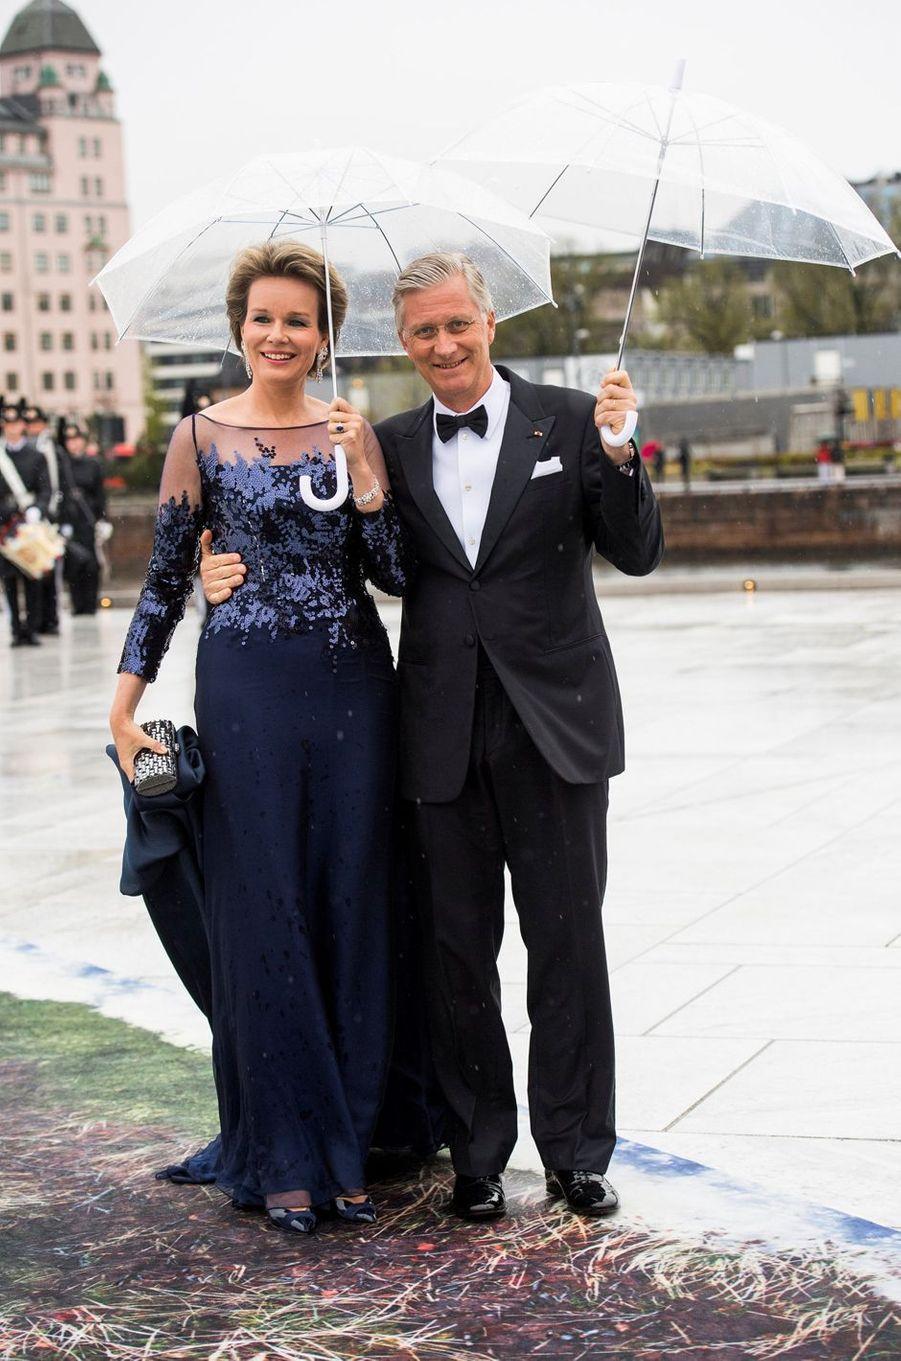 La reine Mathilde et le roi Philippe de Belgique à Oslo, le 10 mai 2017